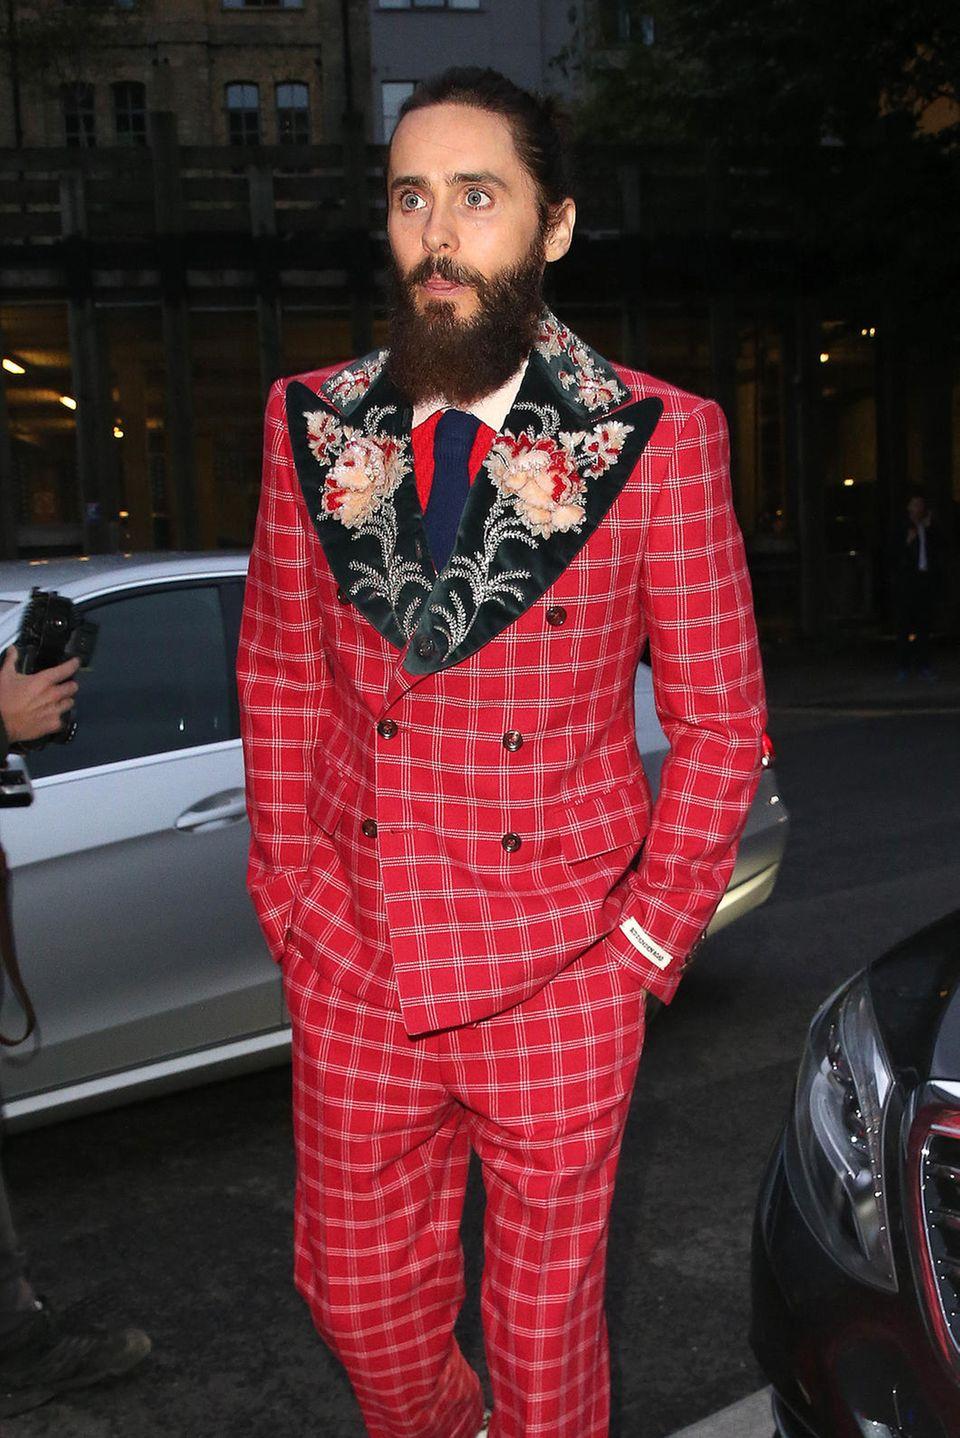 """6. September 2017  Abends in London, bevor es rein geht in das """"Tate Modern"""", zu den """"GQ Men of the Year""""-Awards, wird Oscarpreisträger Jared Leto in seinem karierten, roten, mit floralen Mustern geschmückten Anzug abgelichtet."""